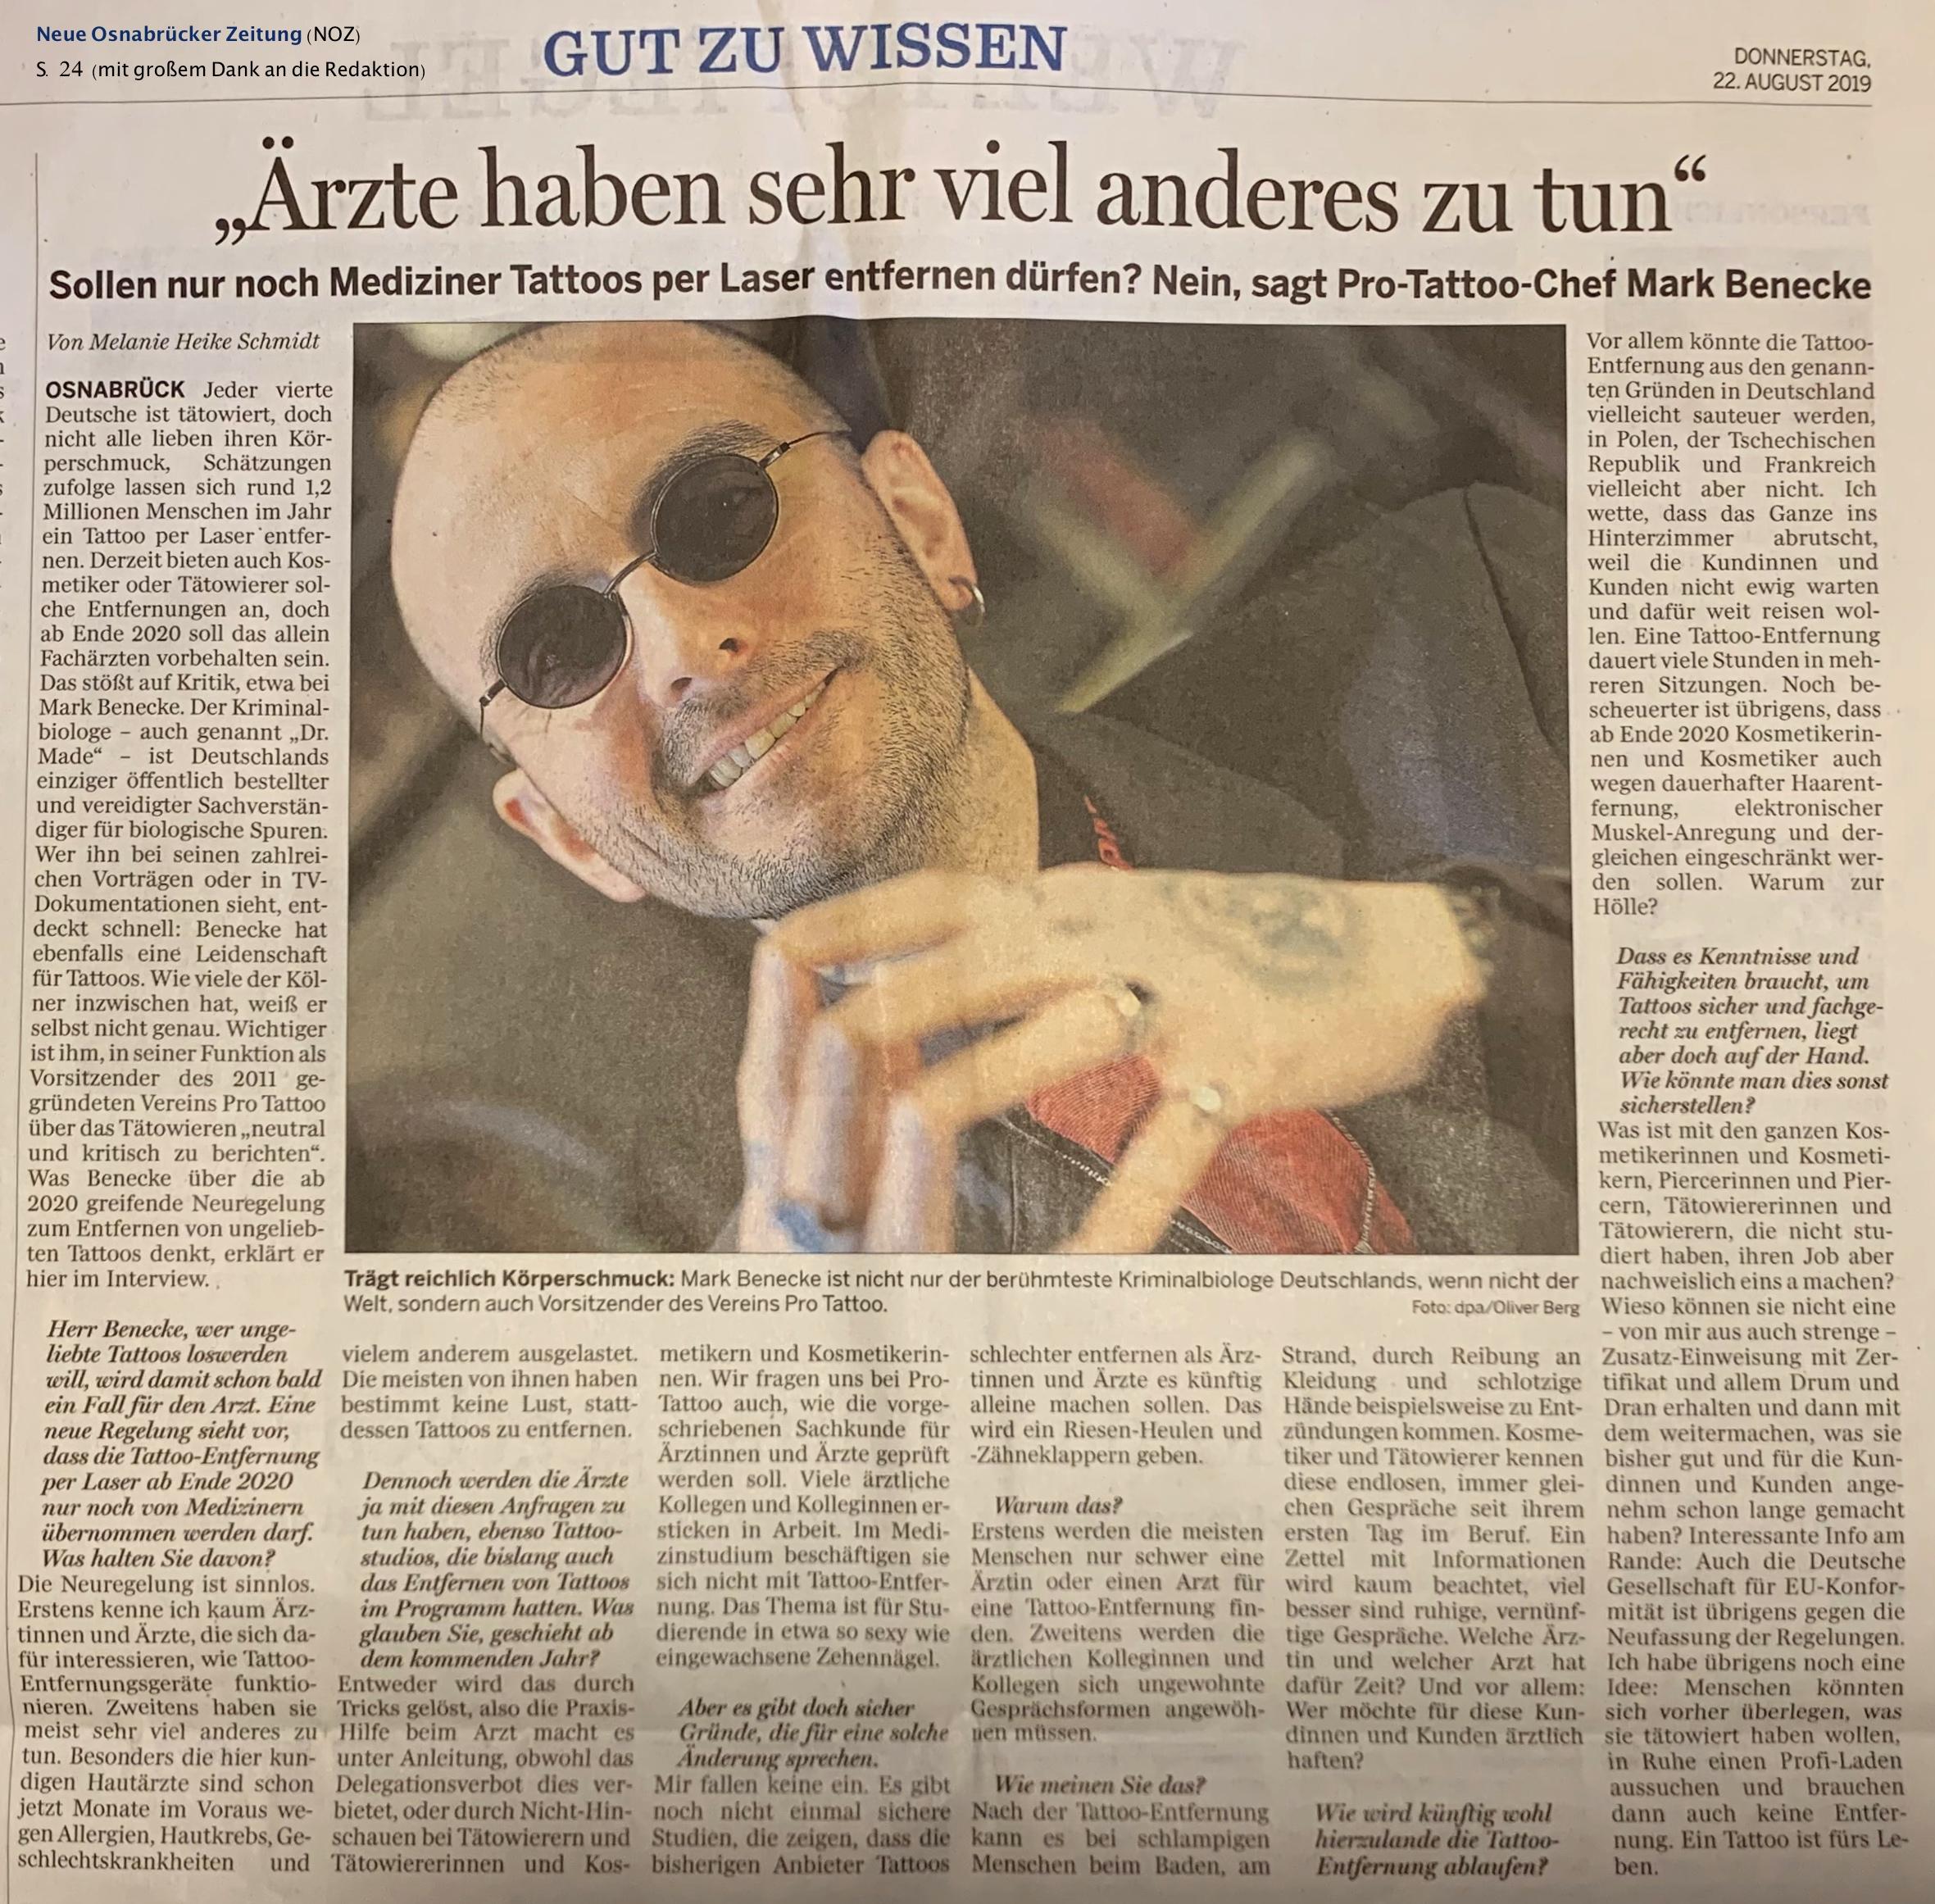 tattoo_laser_mark_benecke_NOZ_interview.jpg